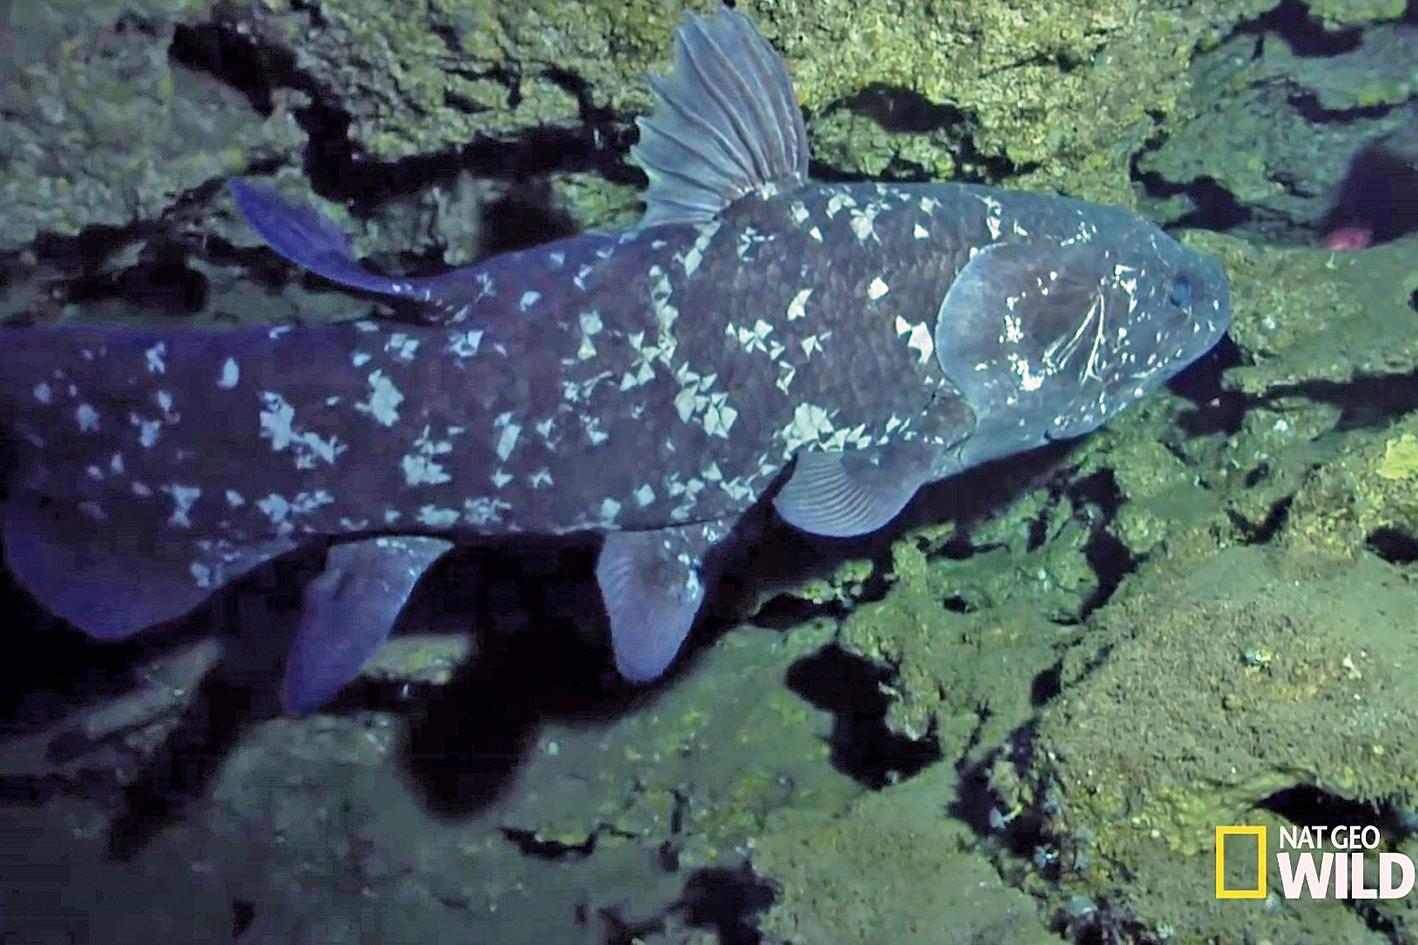 腔棘魚生活了3億多年,未發生變化。(《國家地理》視頻截圖)